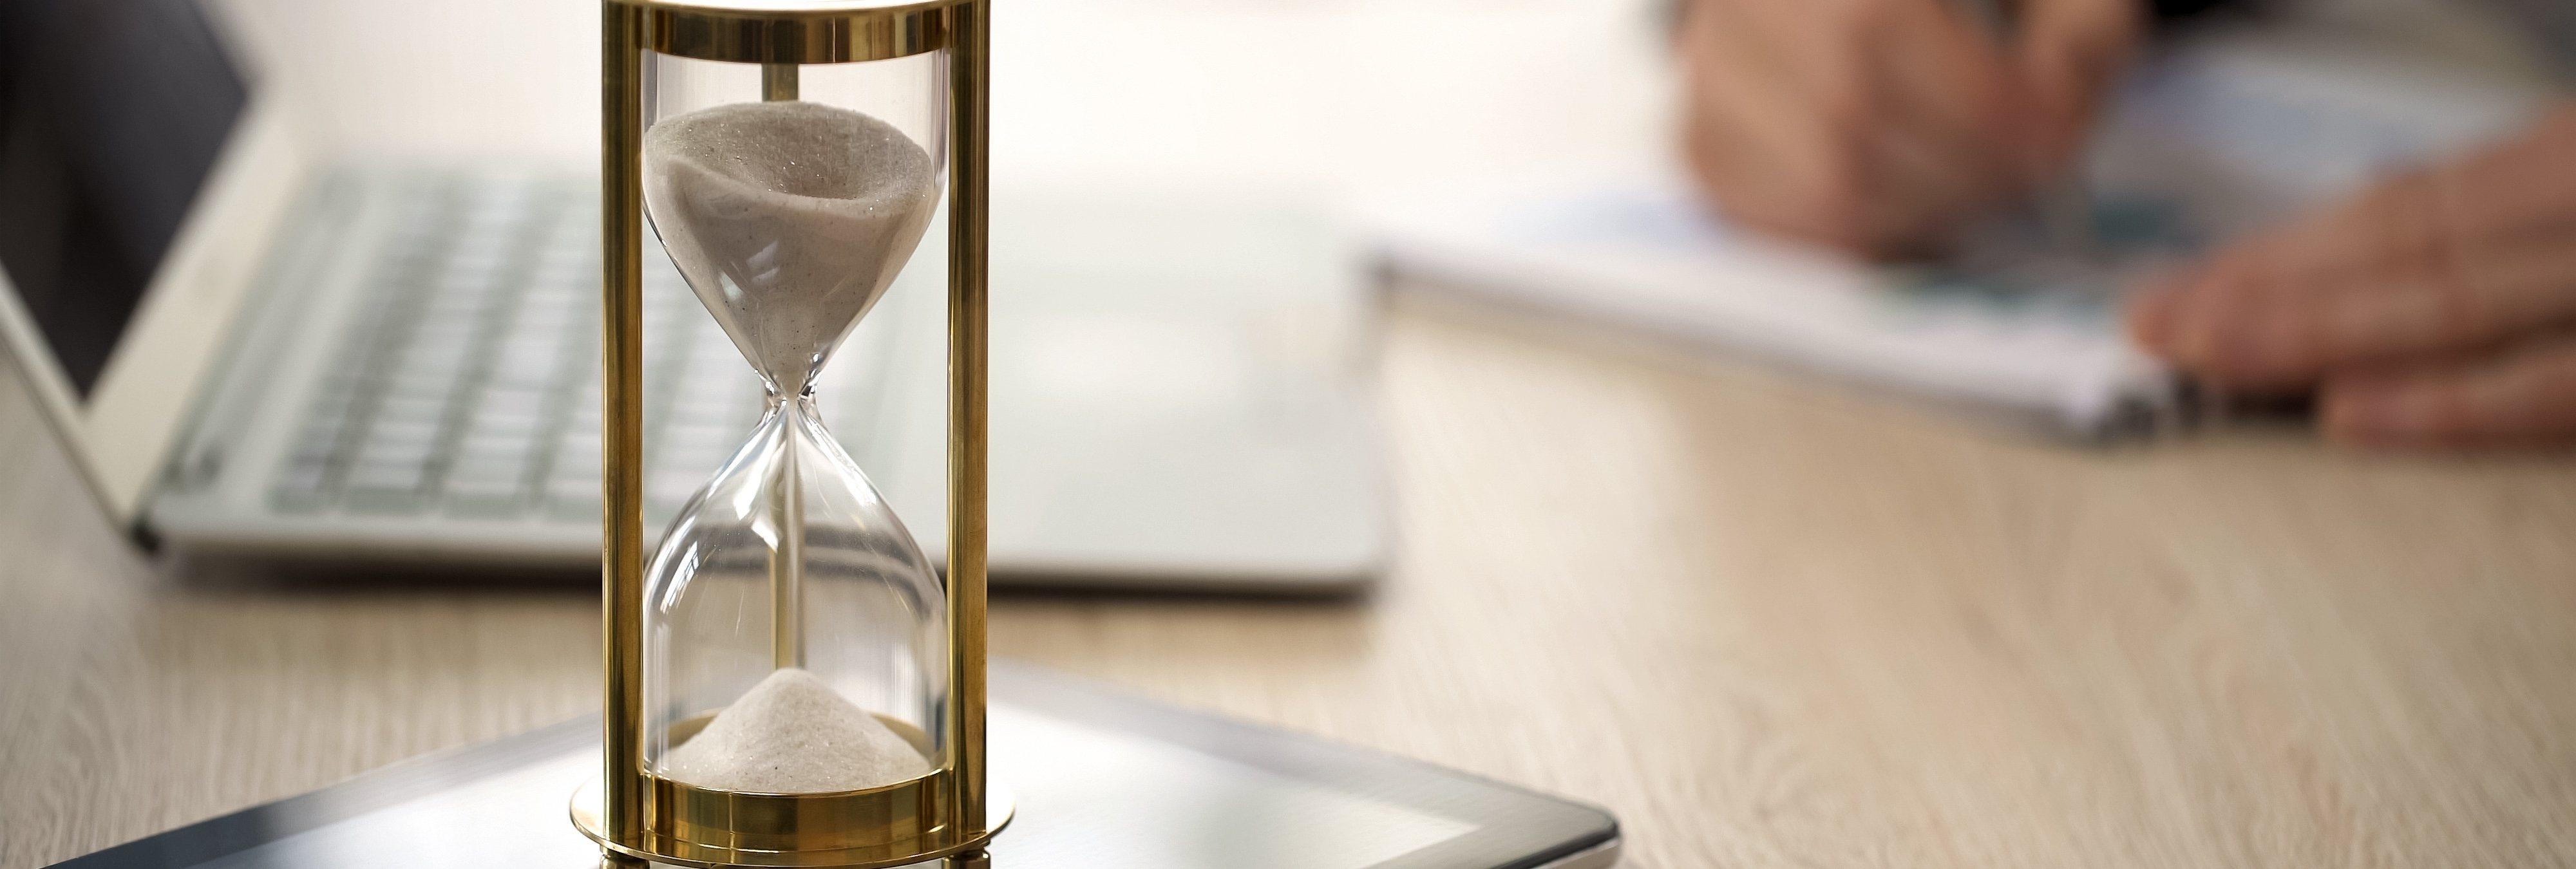 3 millones de horas extra a la semana no se pagan por su mala regulación